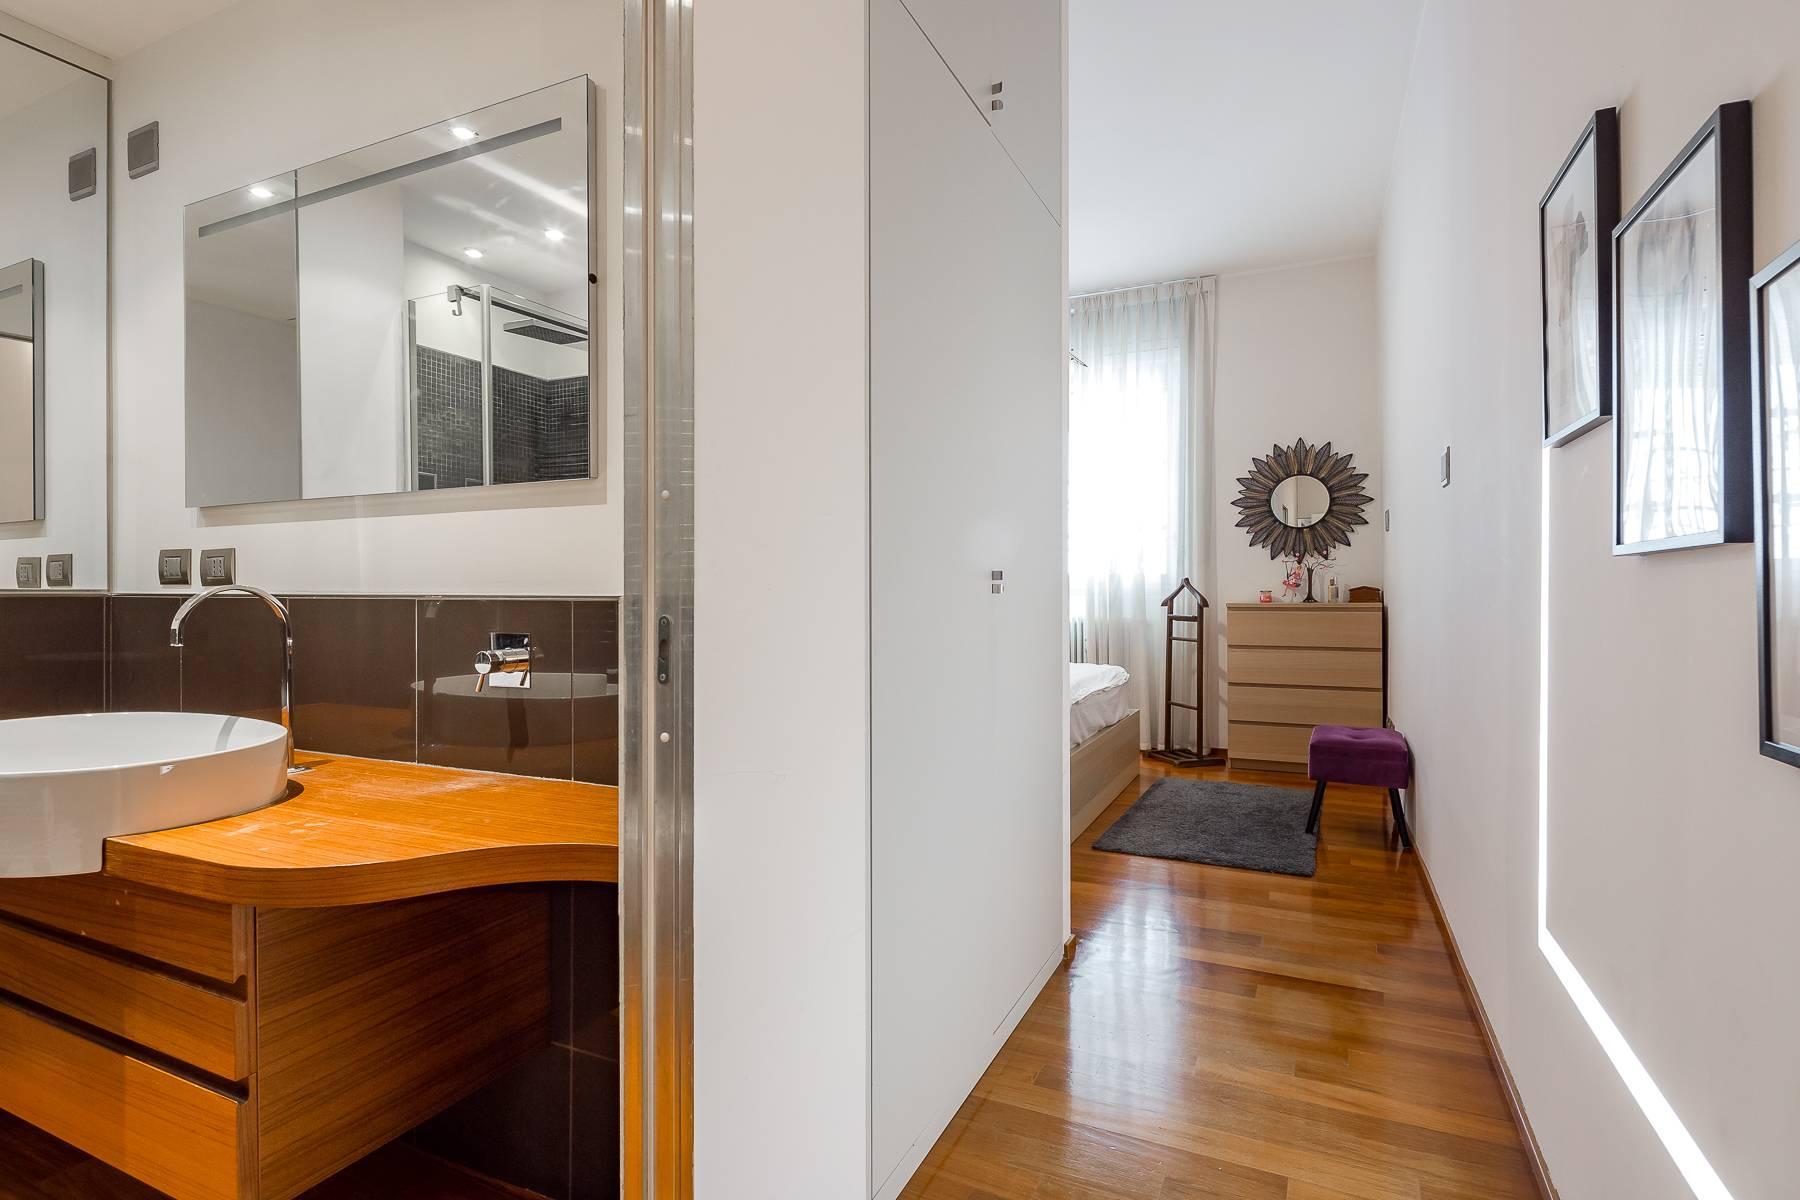 Renovierte Wohnung im Stadtviertel Ticinese/Darsena - 22